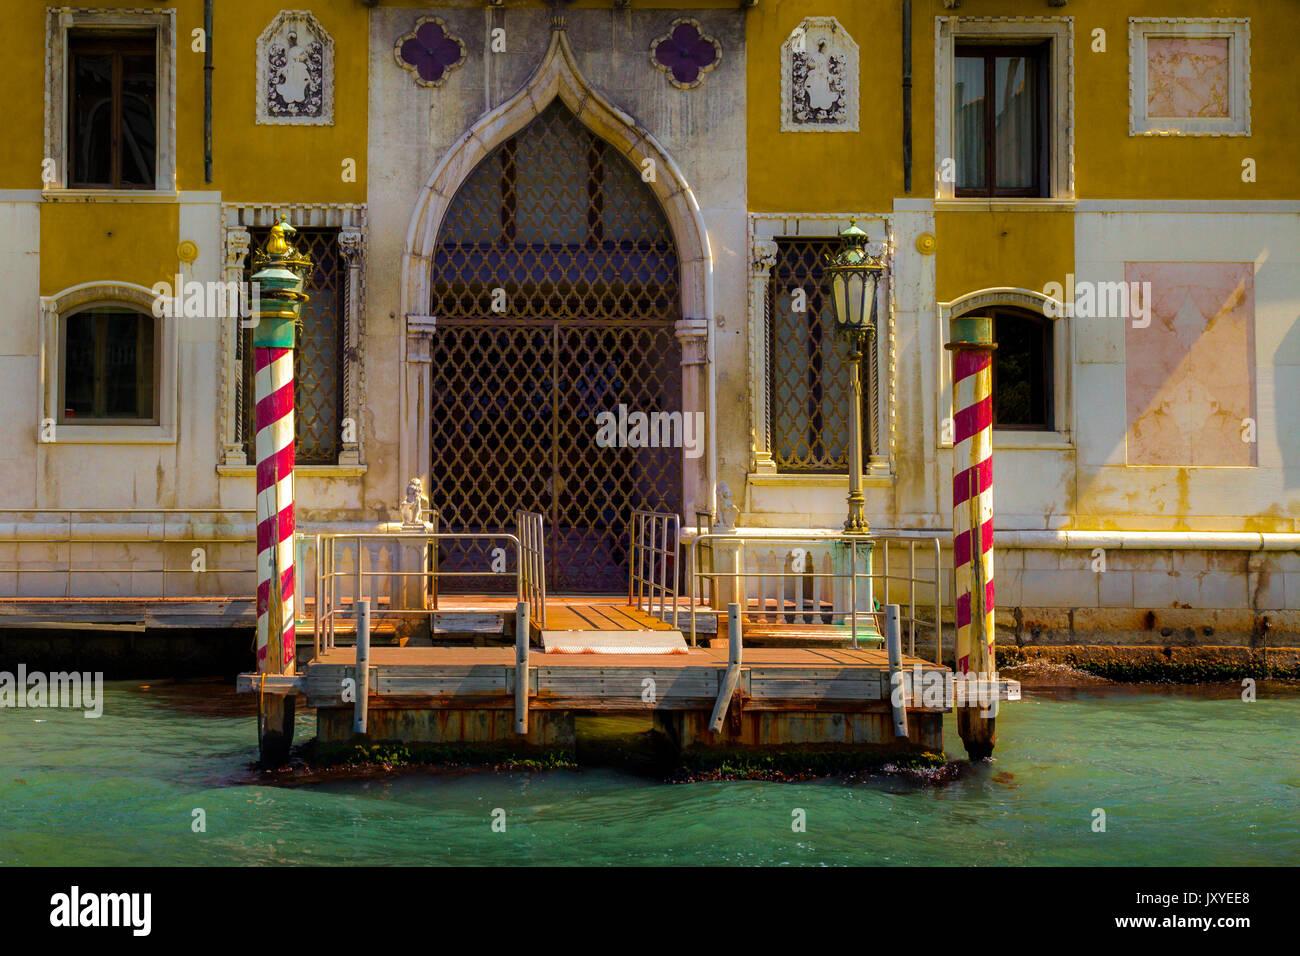 Entrée d'un bâtiment juste à côté du Grand Canal de Venise, Italie Photo Stock